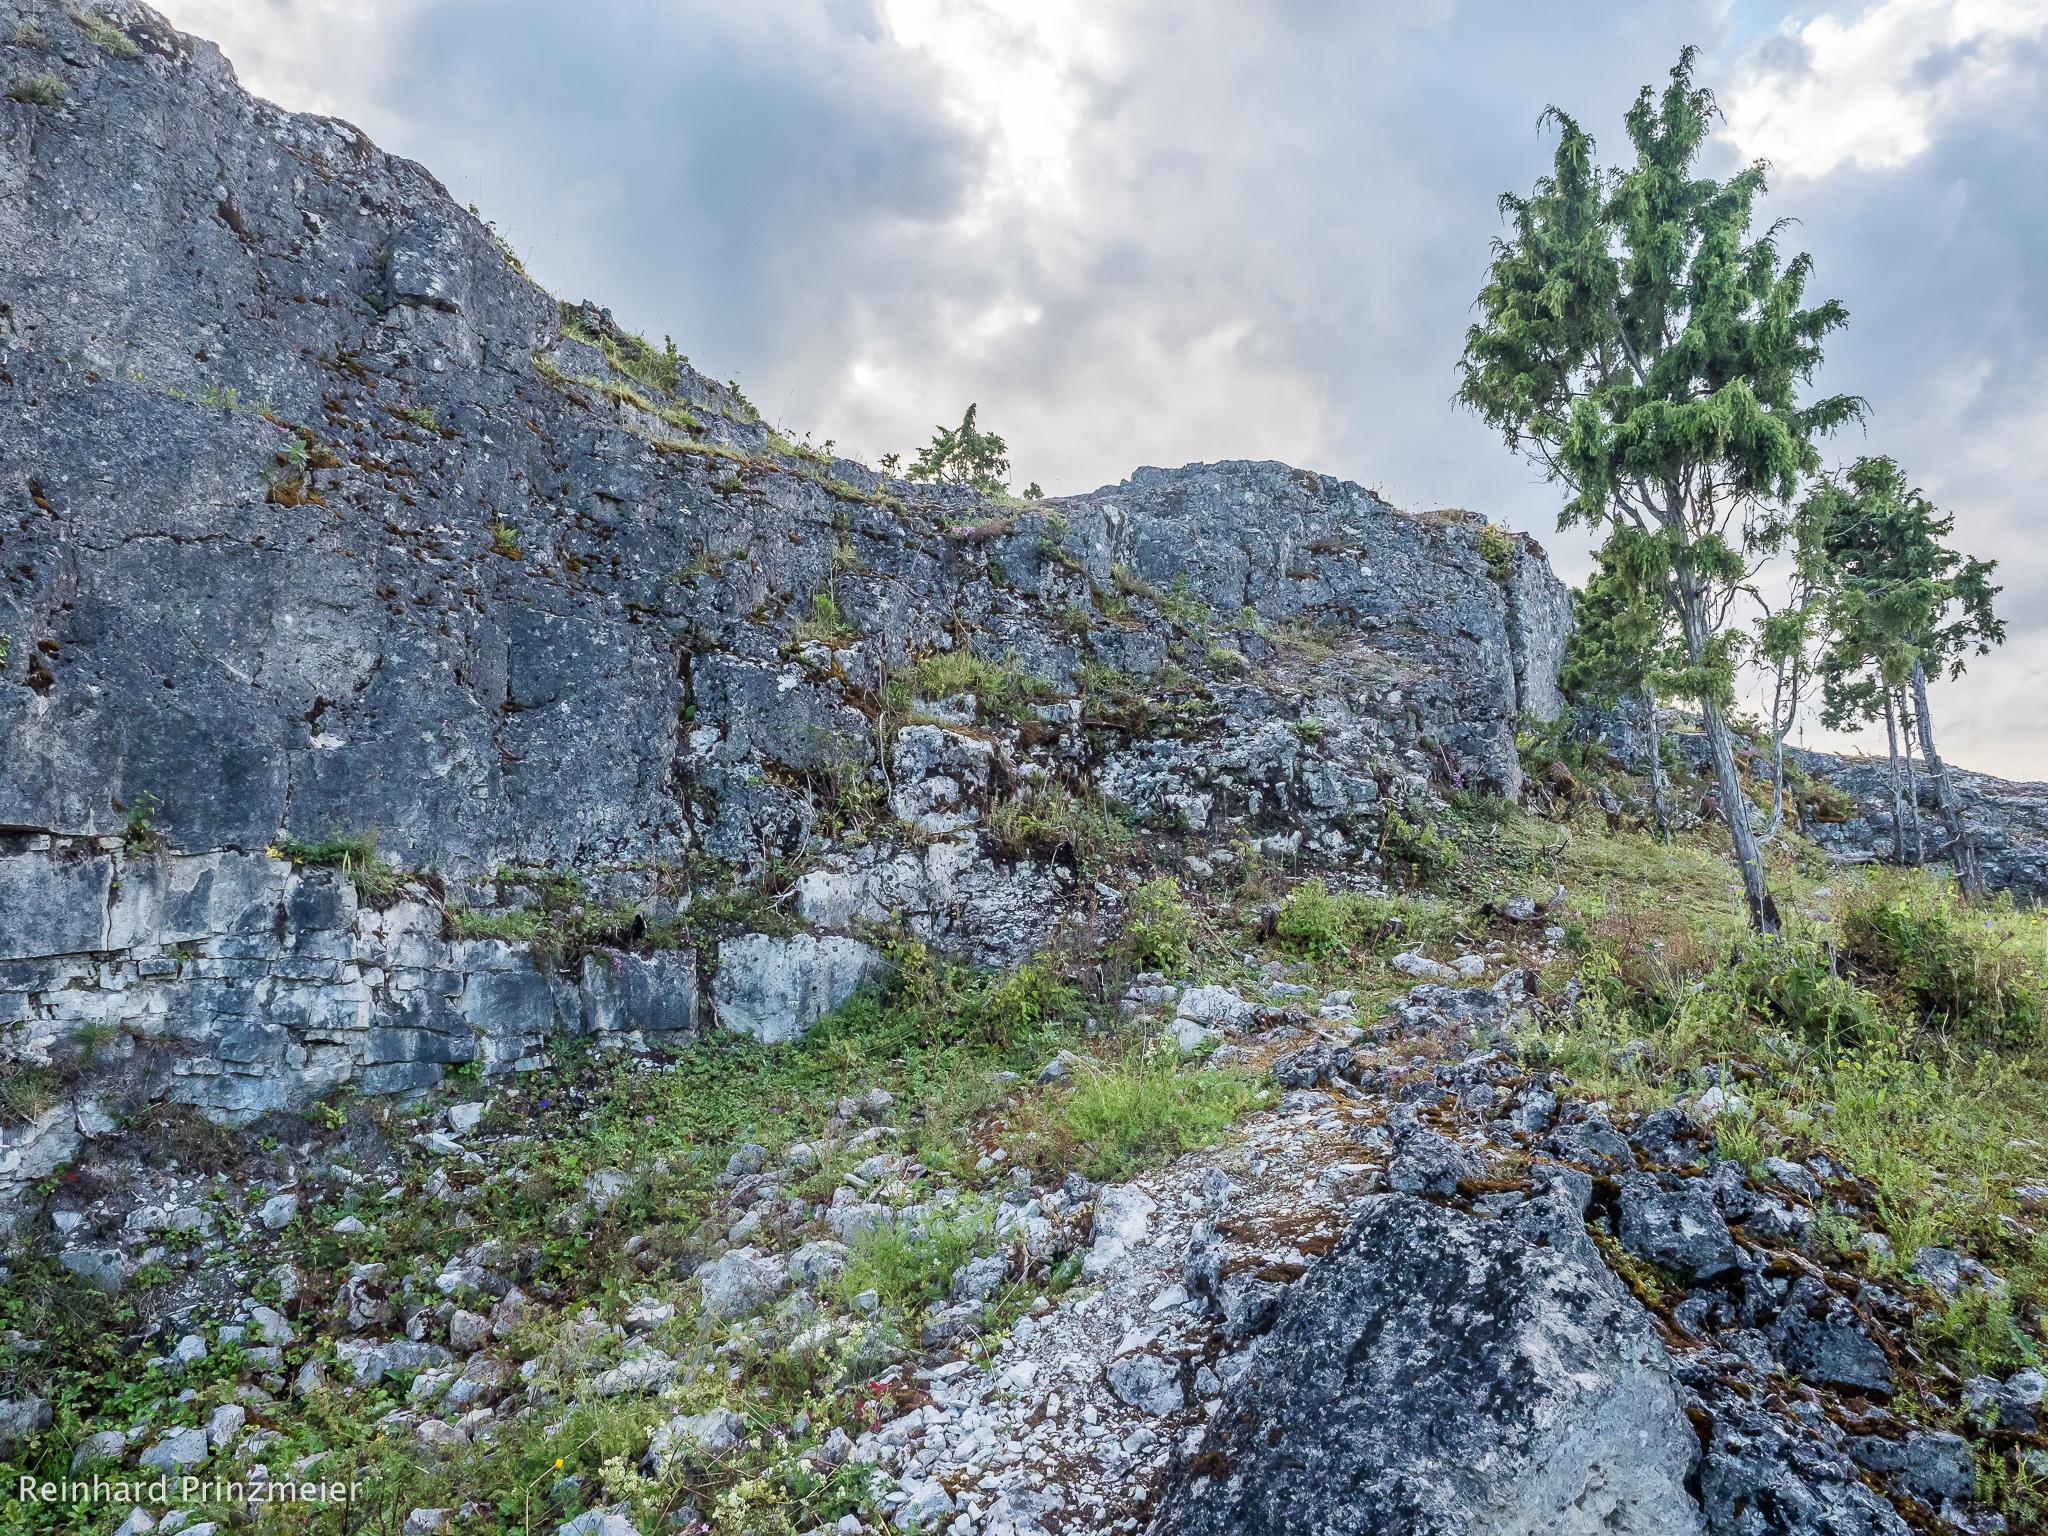 Üügu cliff, Estonia